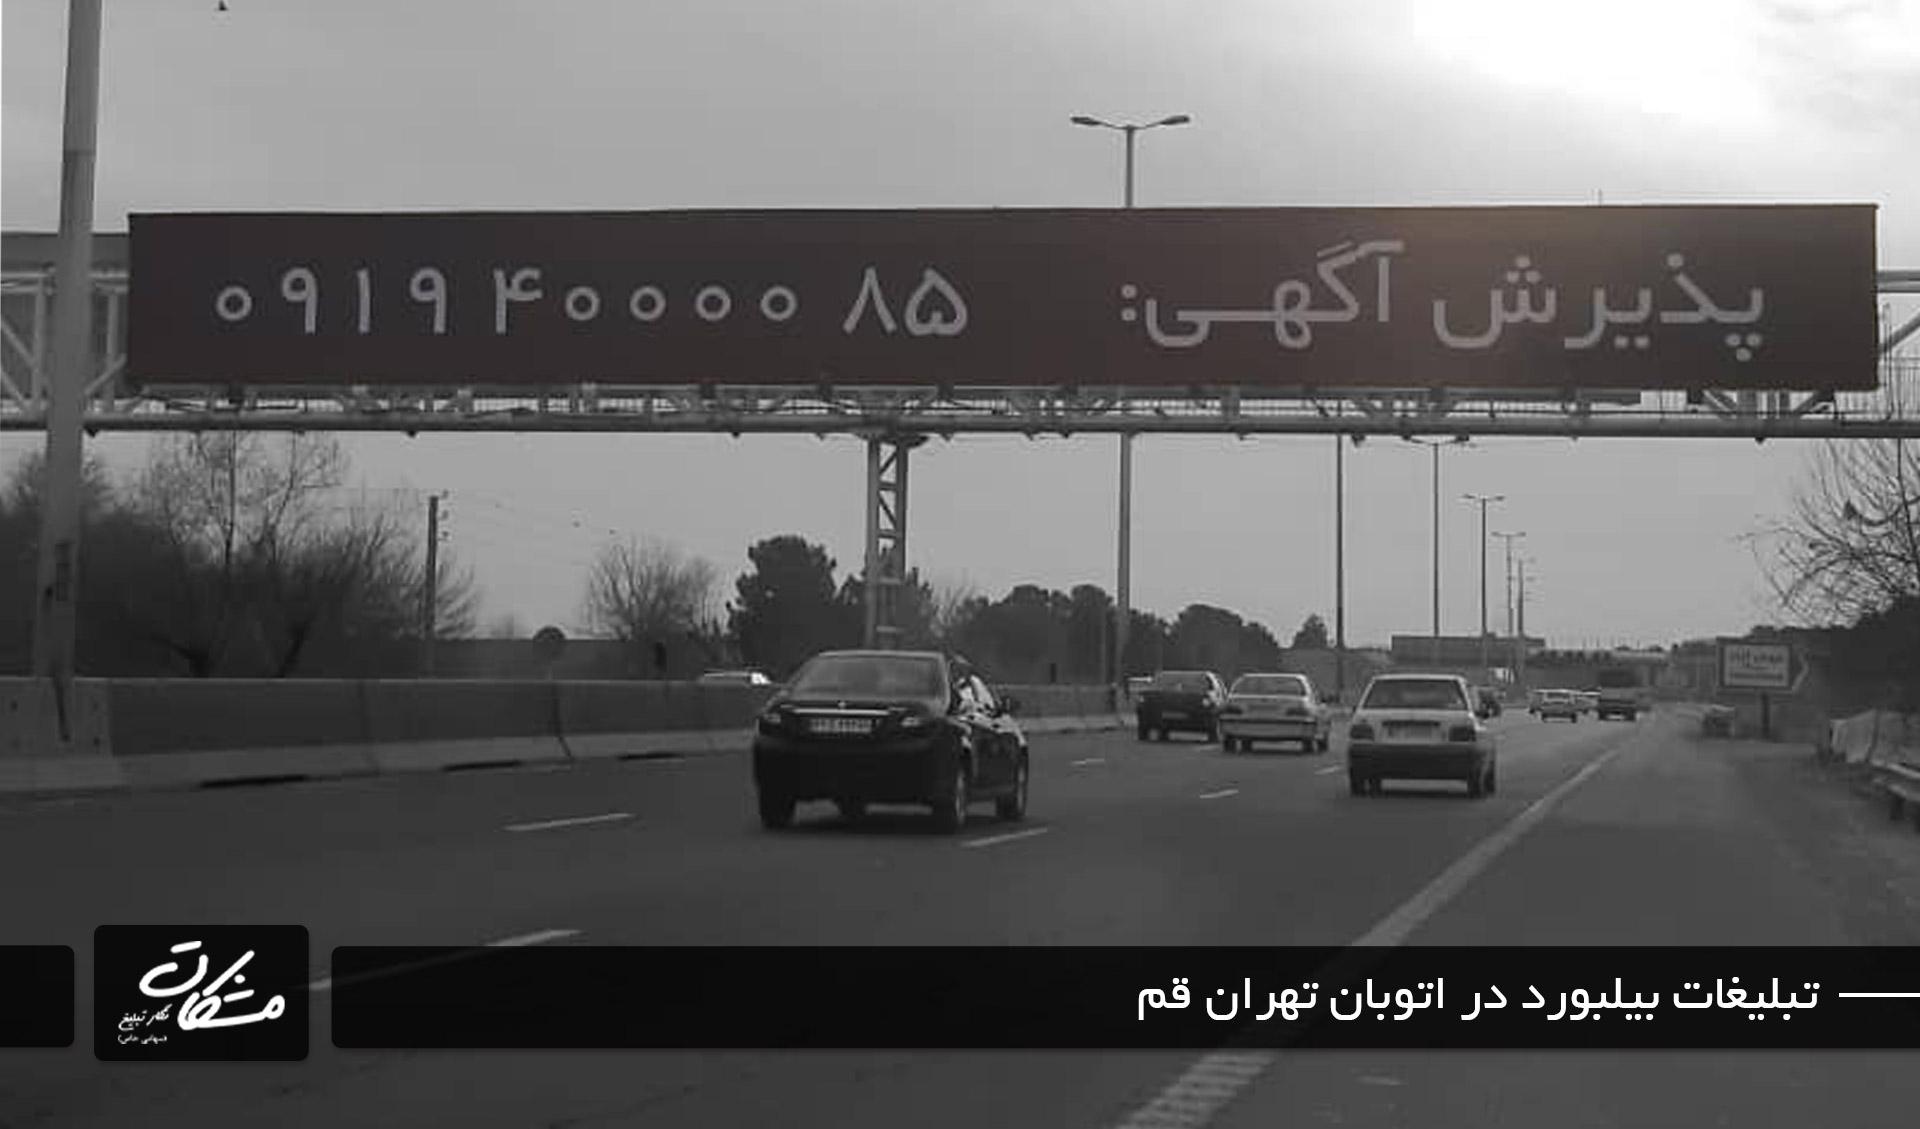 تبلیغات بیلبورد در اتوبان تهران قم